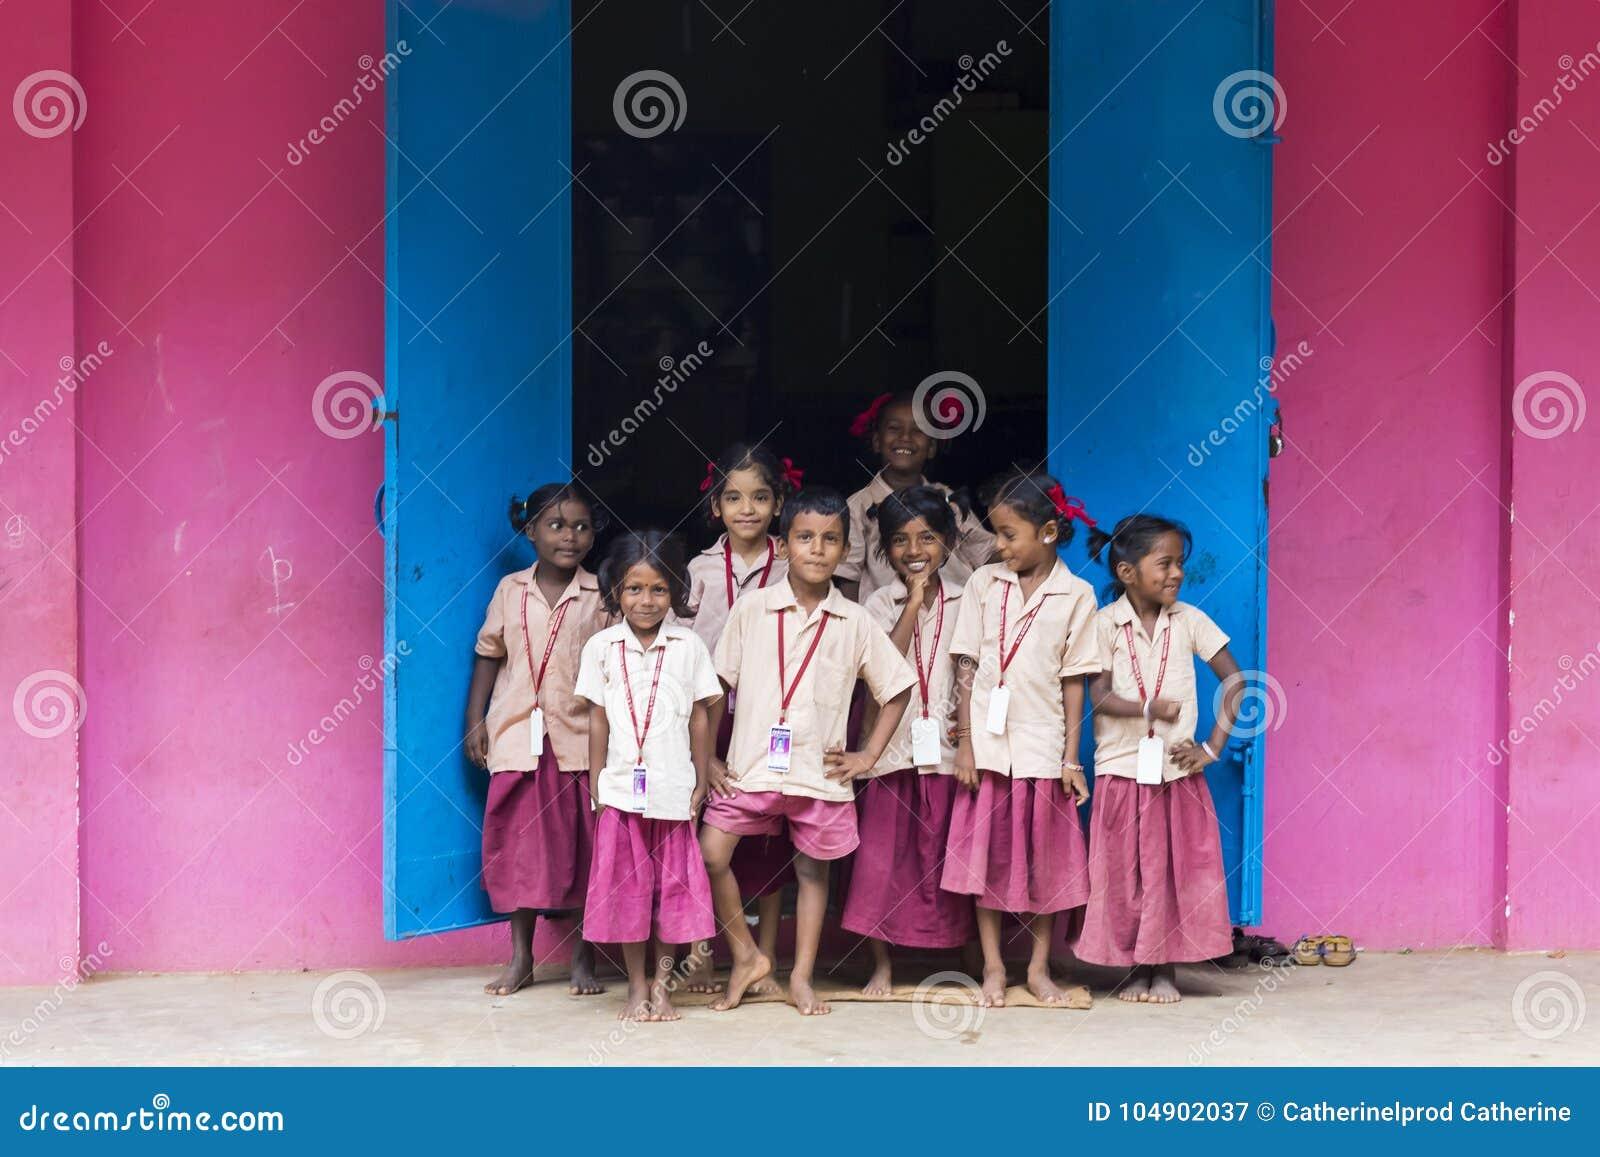 Dokumentalny Redakcyjny wizerunek Dziecko w wieku szkolnym za okno